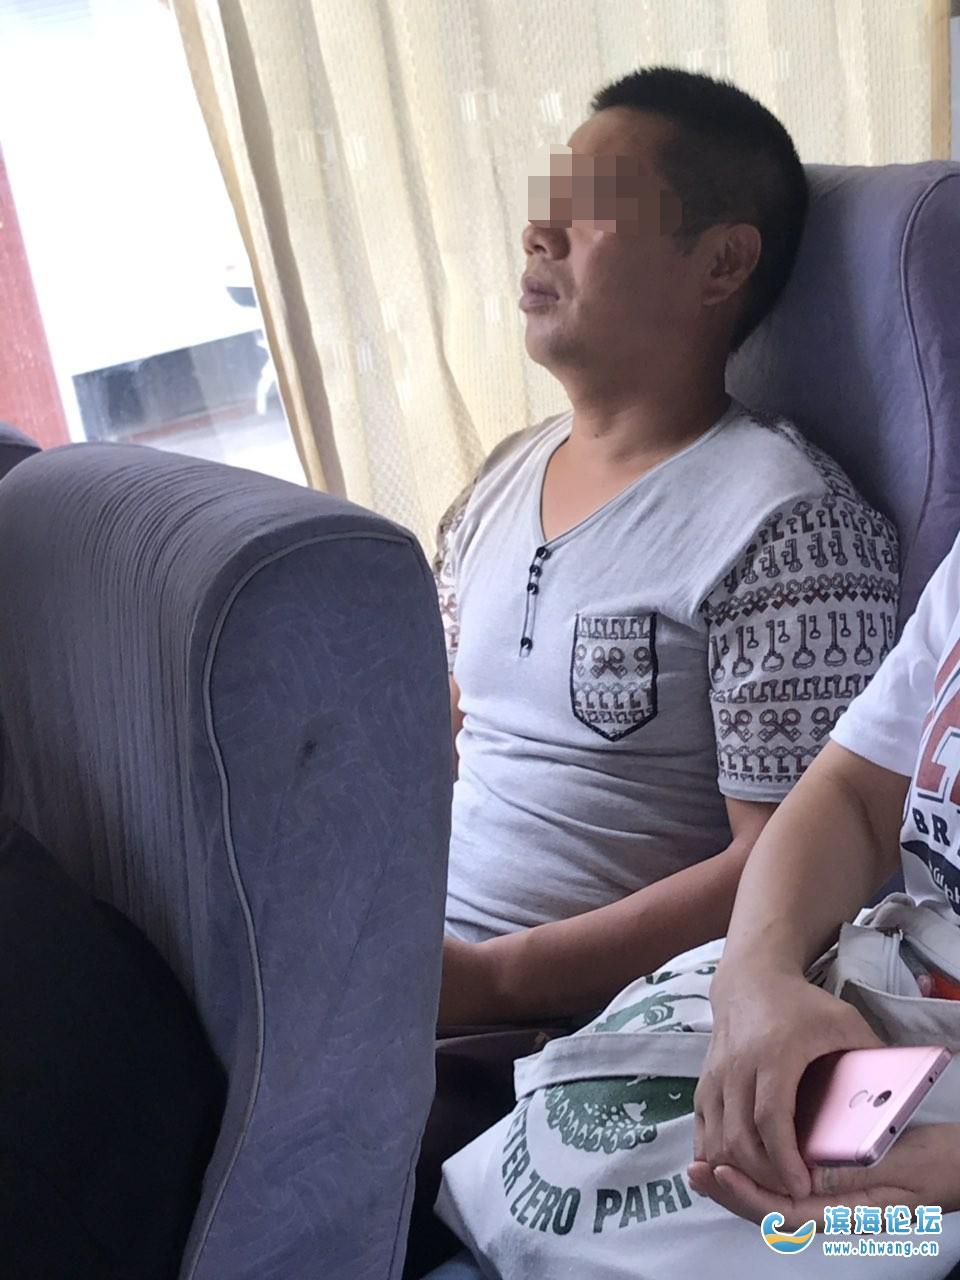 考完試駕校安排的大巴車遇到一男人想偷偷摸摸對女人動手動腳。被喝止拍照